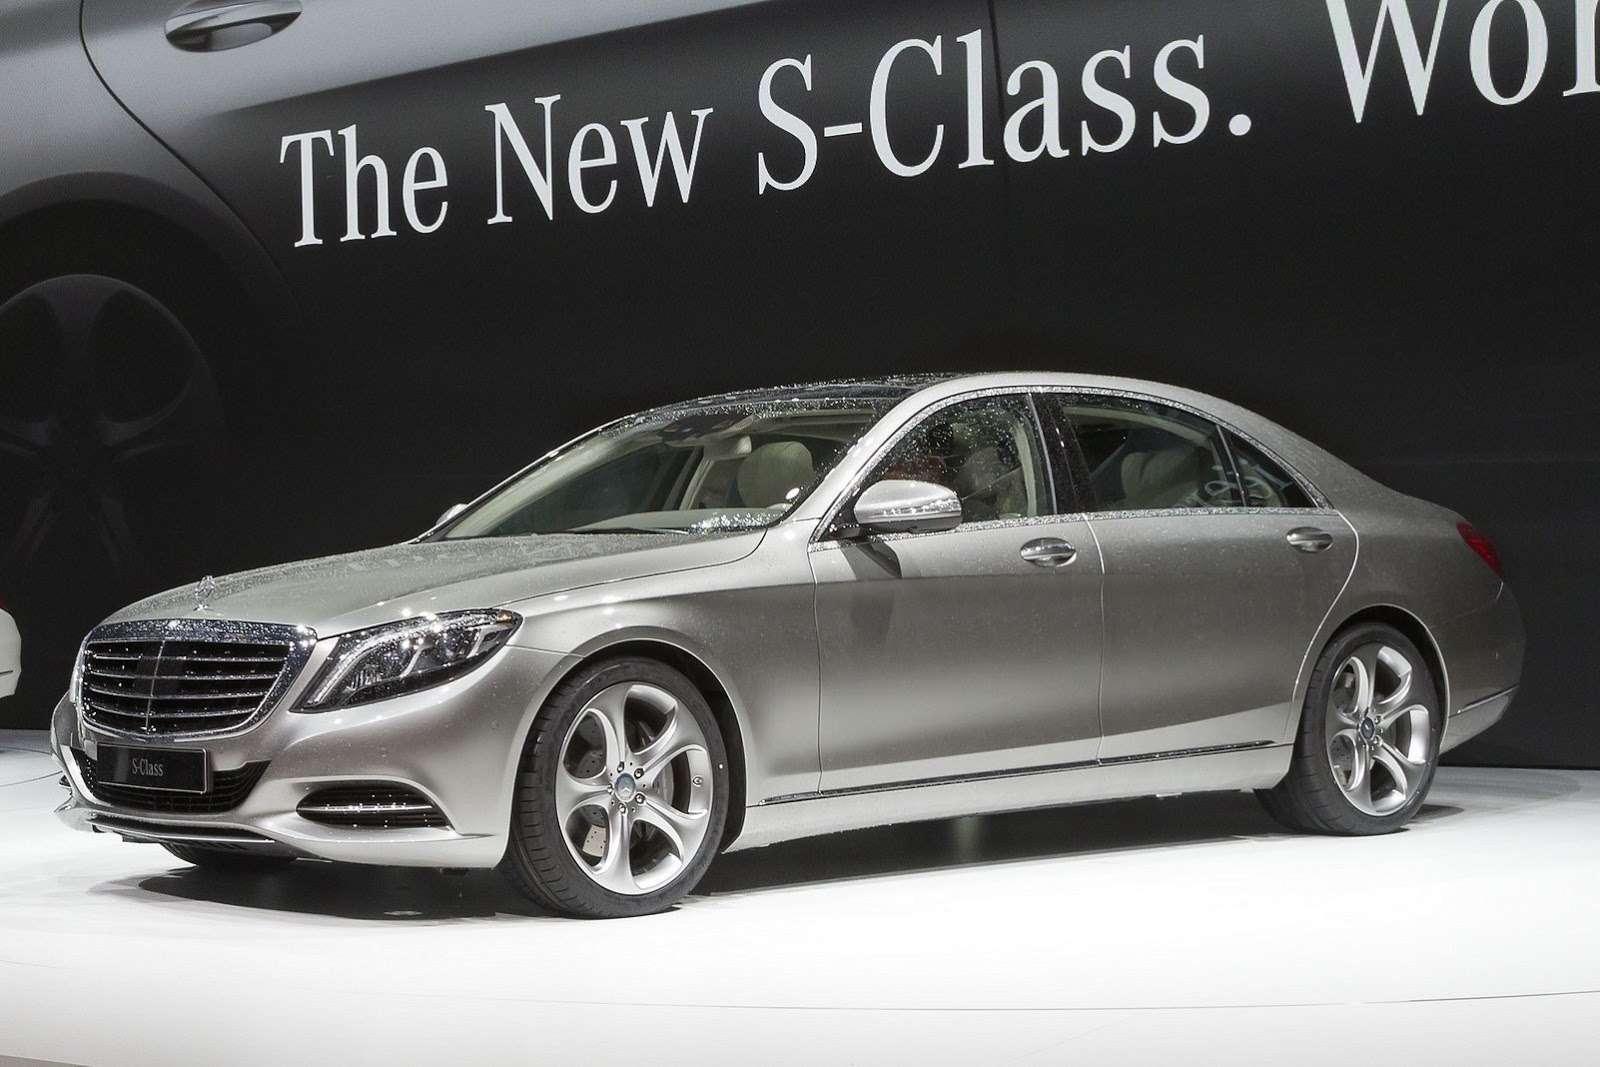 2014 Mercedes Benz SClass M2no copyright